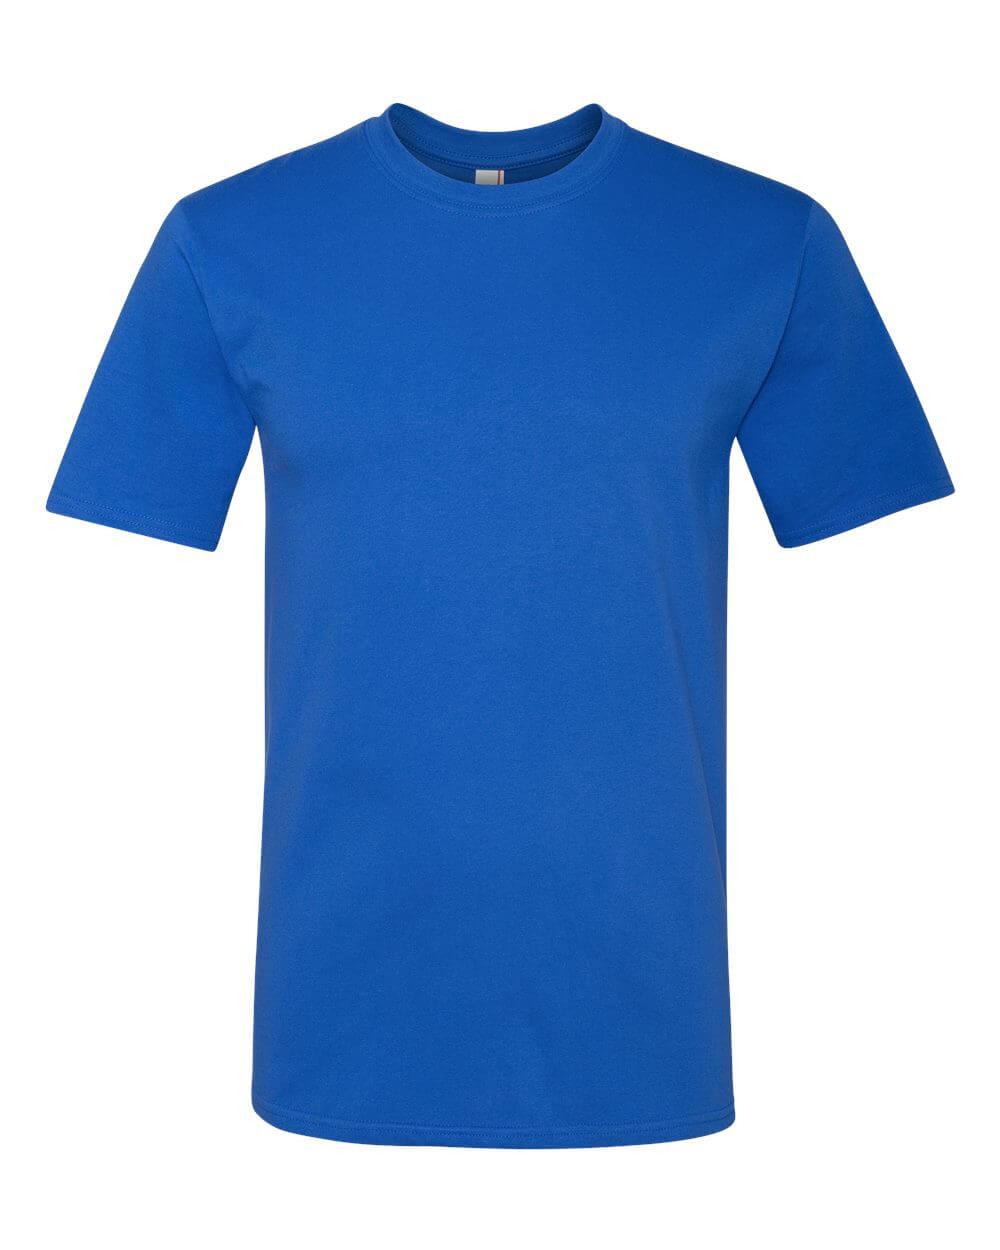 Anvil_780_Royal Blue Custom T Shirts